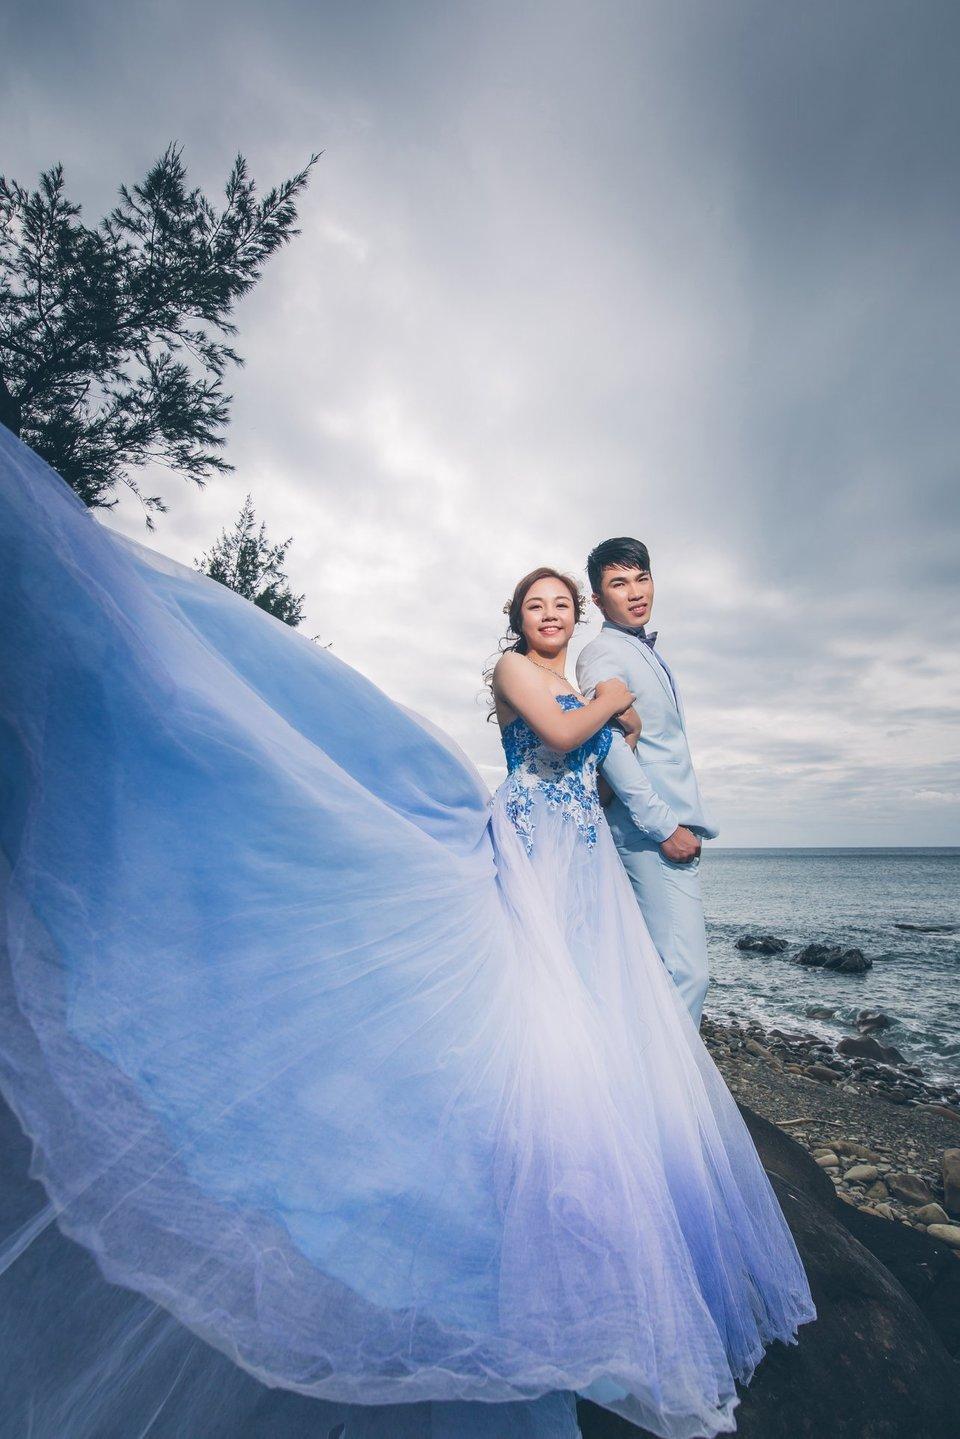 伊頓自助婚紗攝影工作室(台北西門店),結婚吧~伊頓的員工超讚的